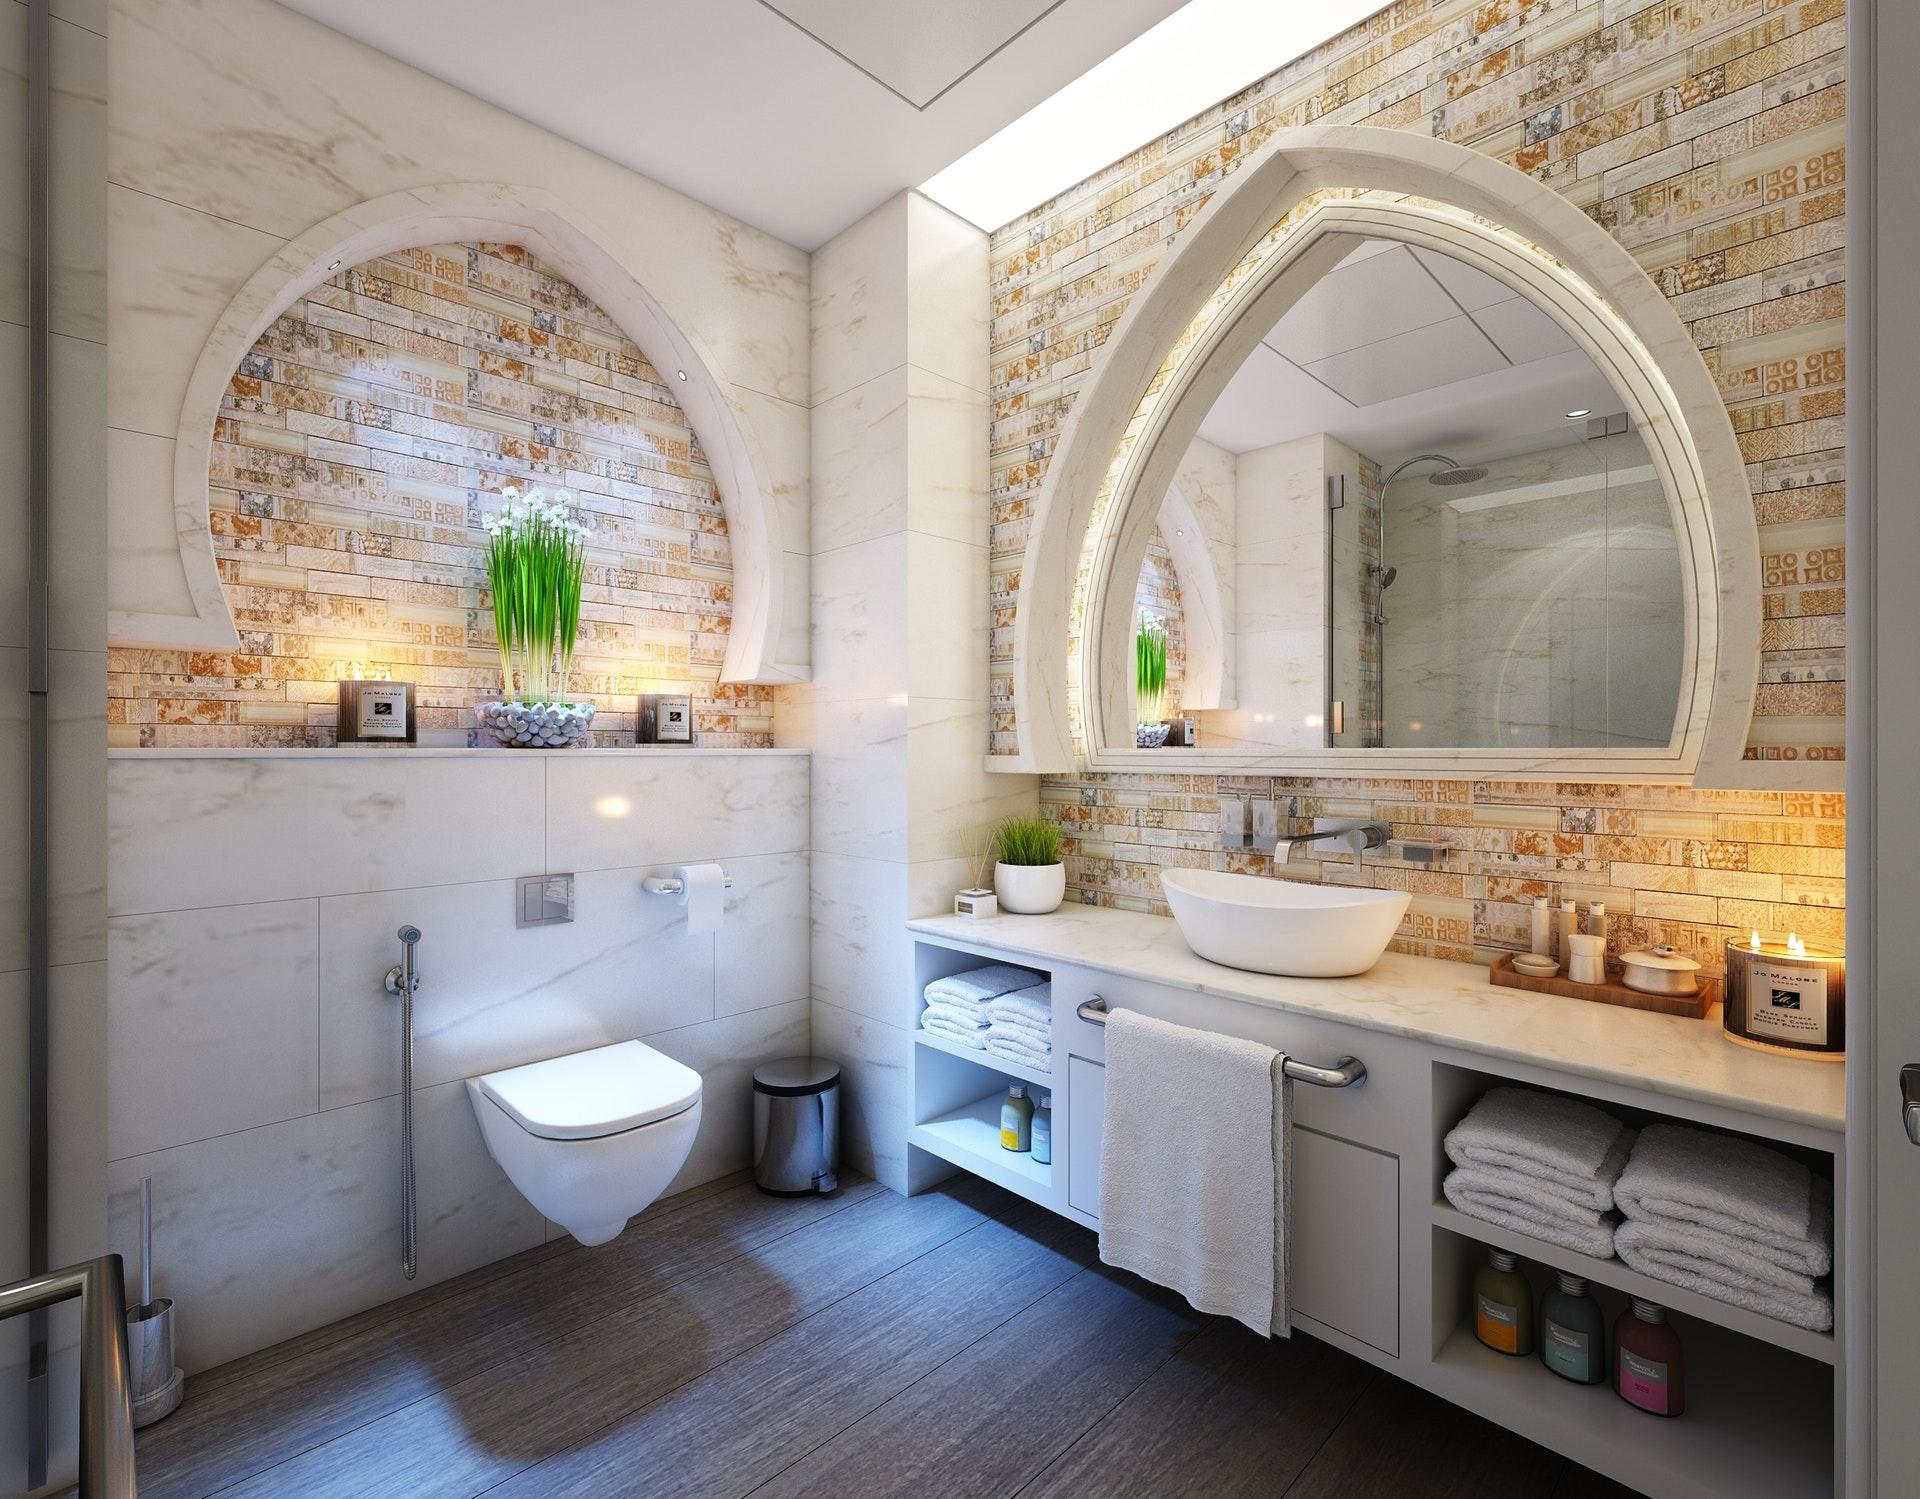 5 Hot Trends in Bathroom Vanities For 2018